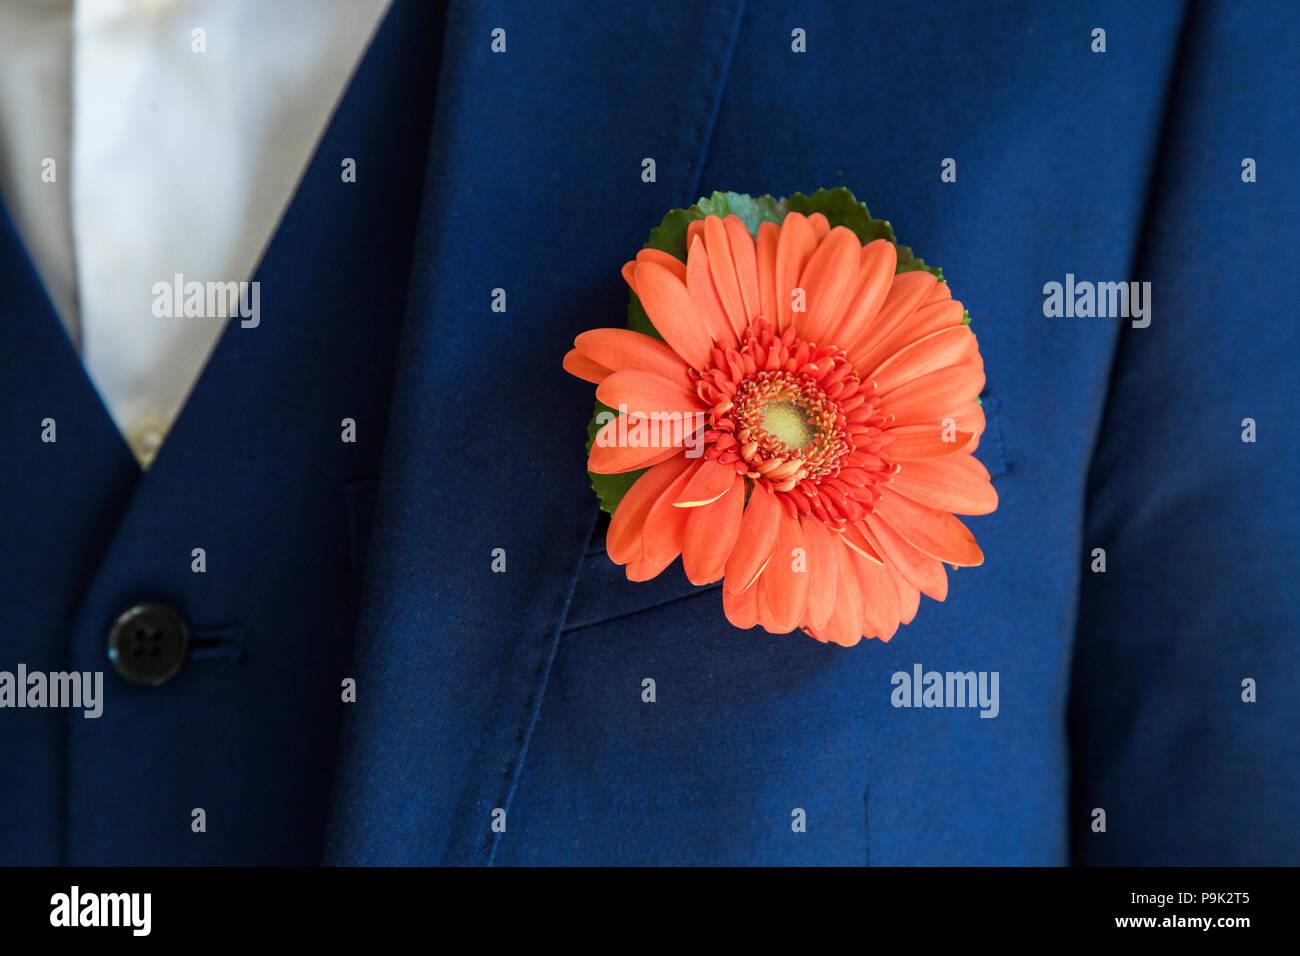 Lo sposo con crisantemo boutonniere sul matrimonio Immagini Stock